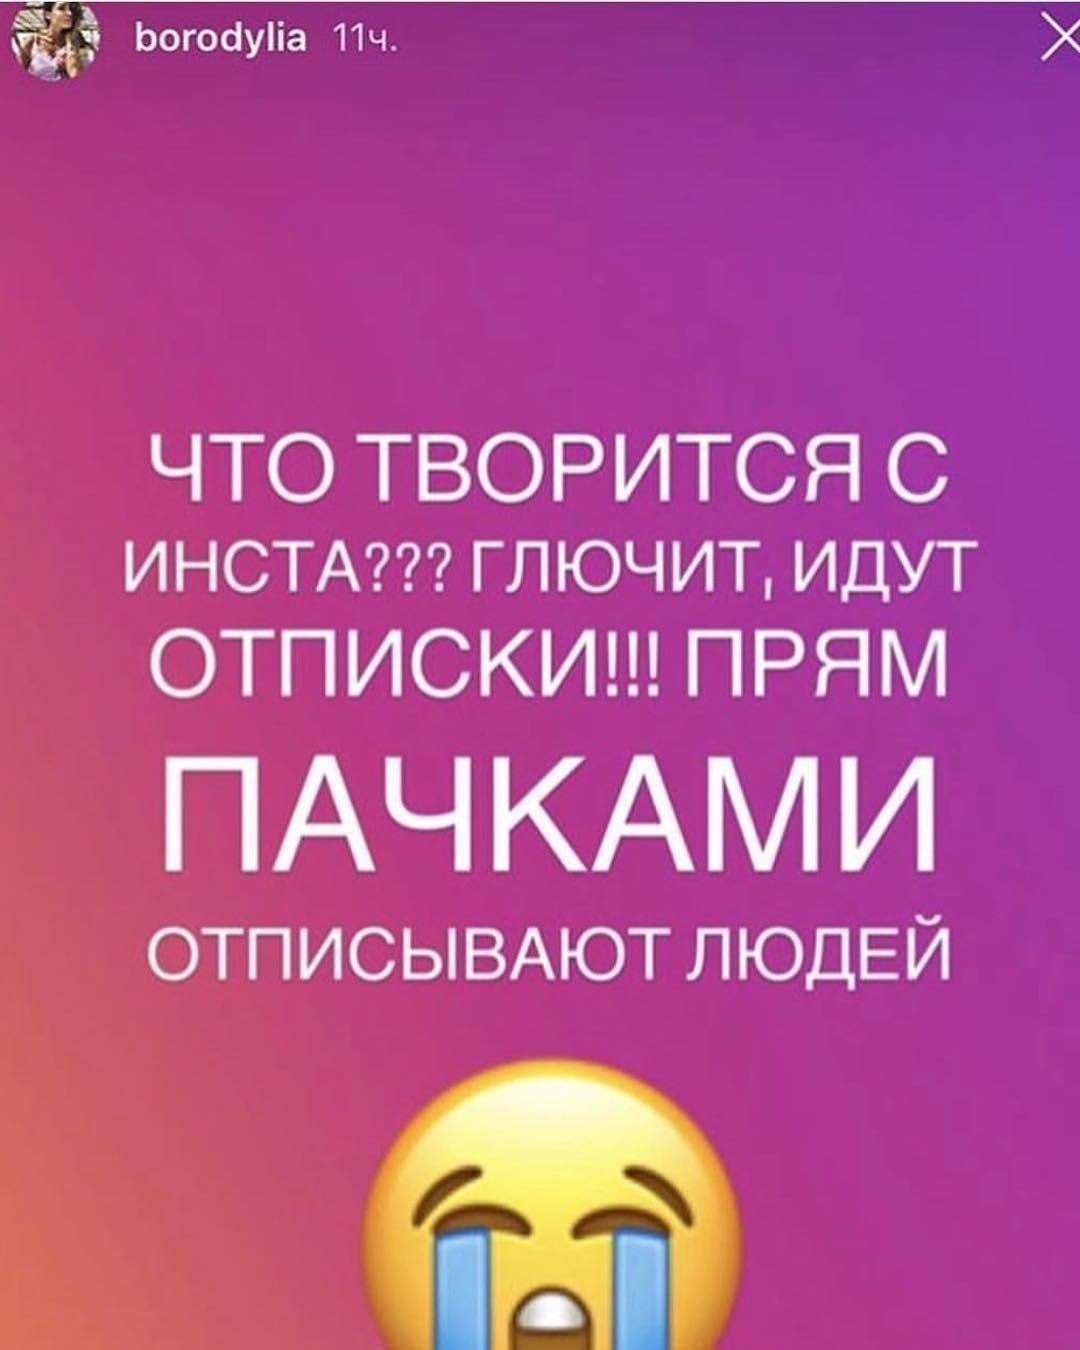 Уже сегодня телеведущая Ксения Бородина (35) пожаловалась, что ее отее аккаунта отписывается большое количество подписчиков. Телеведущая приэтом намекнула, что несмотря нарост популярн...